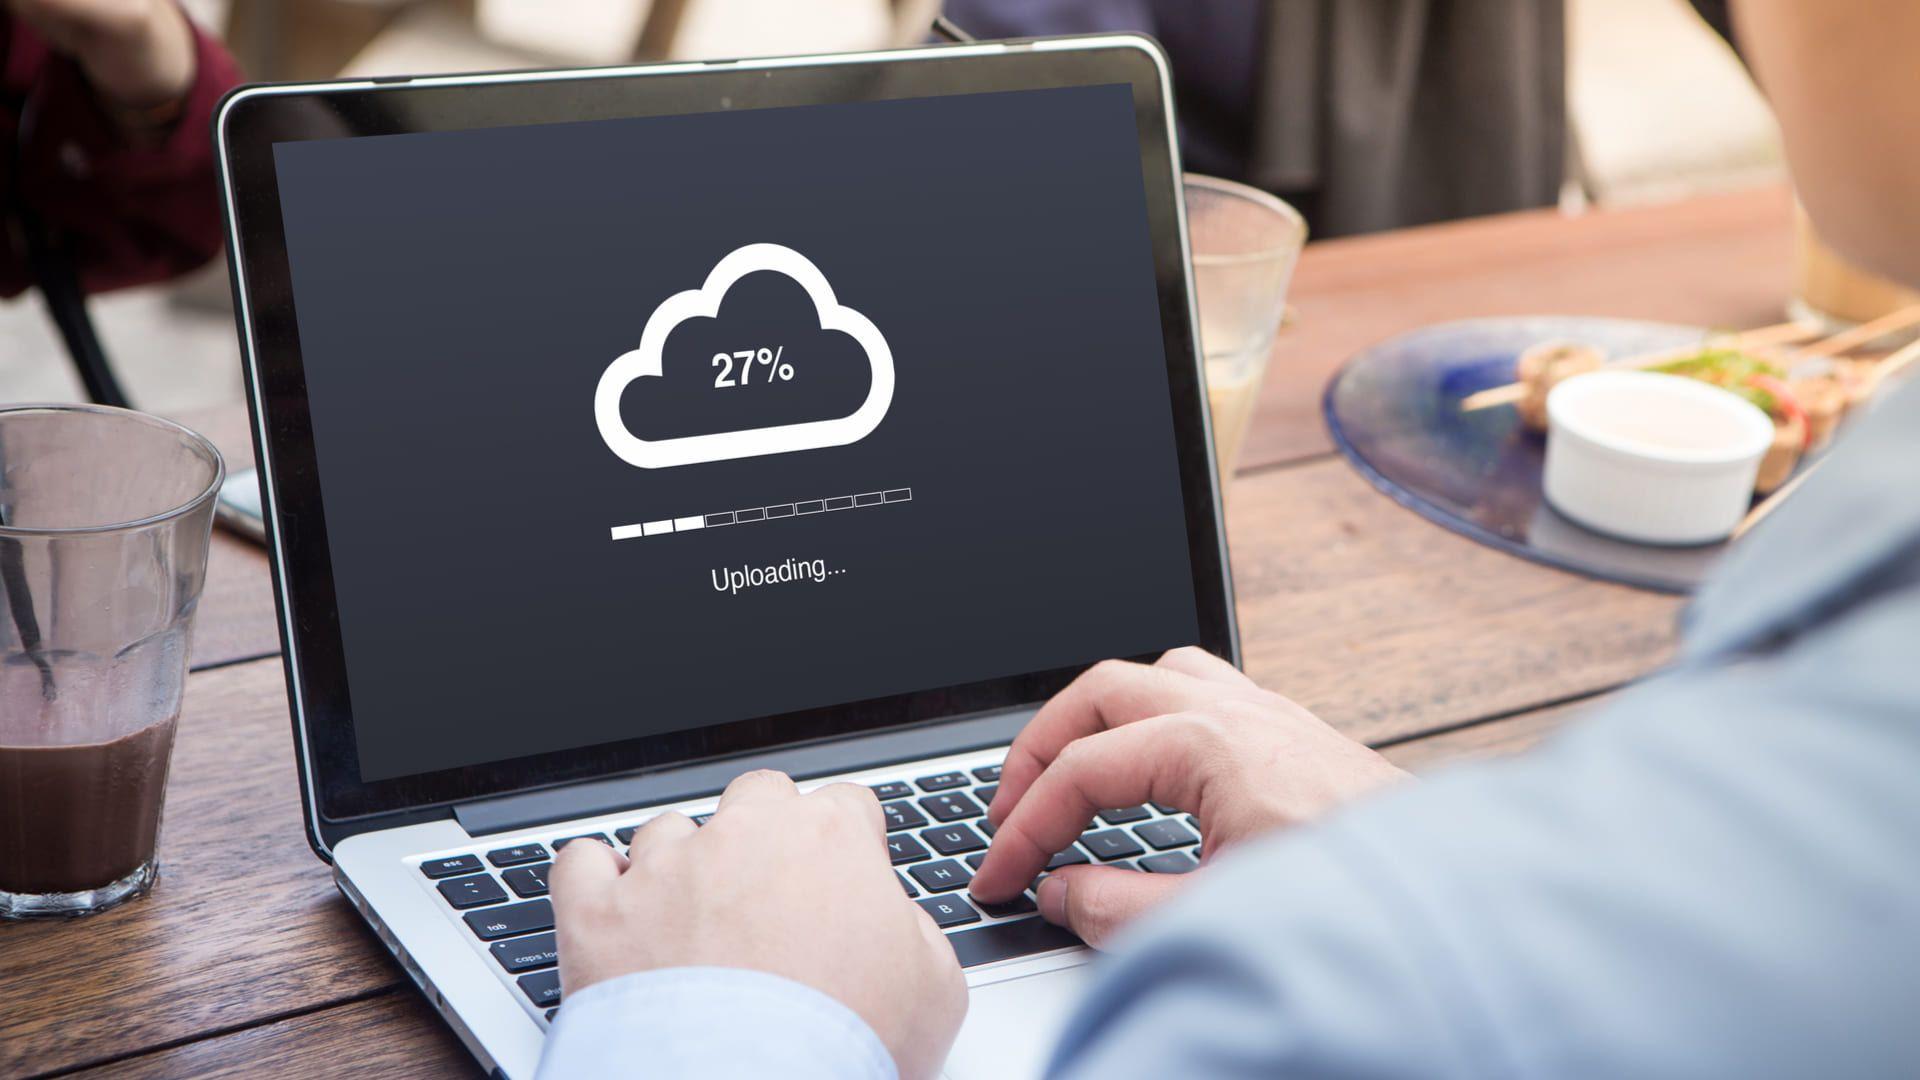 Aprenda como fazer backup na nuvem e acesse seus arquivos em qualquer dispositivo (Foto:Shutterstock)